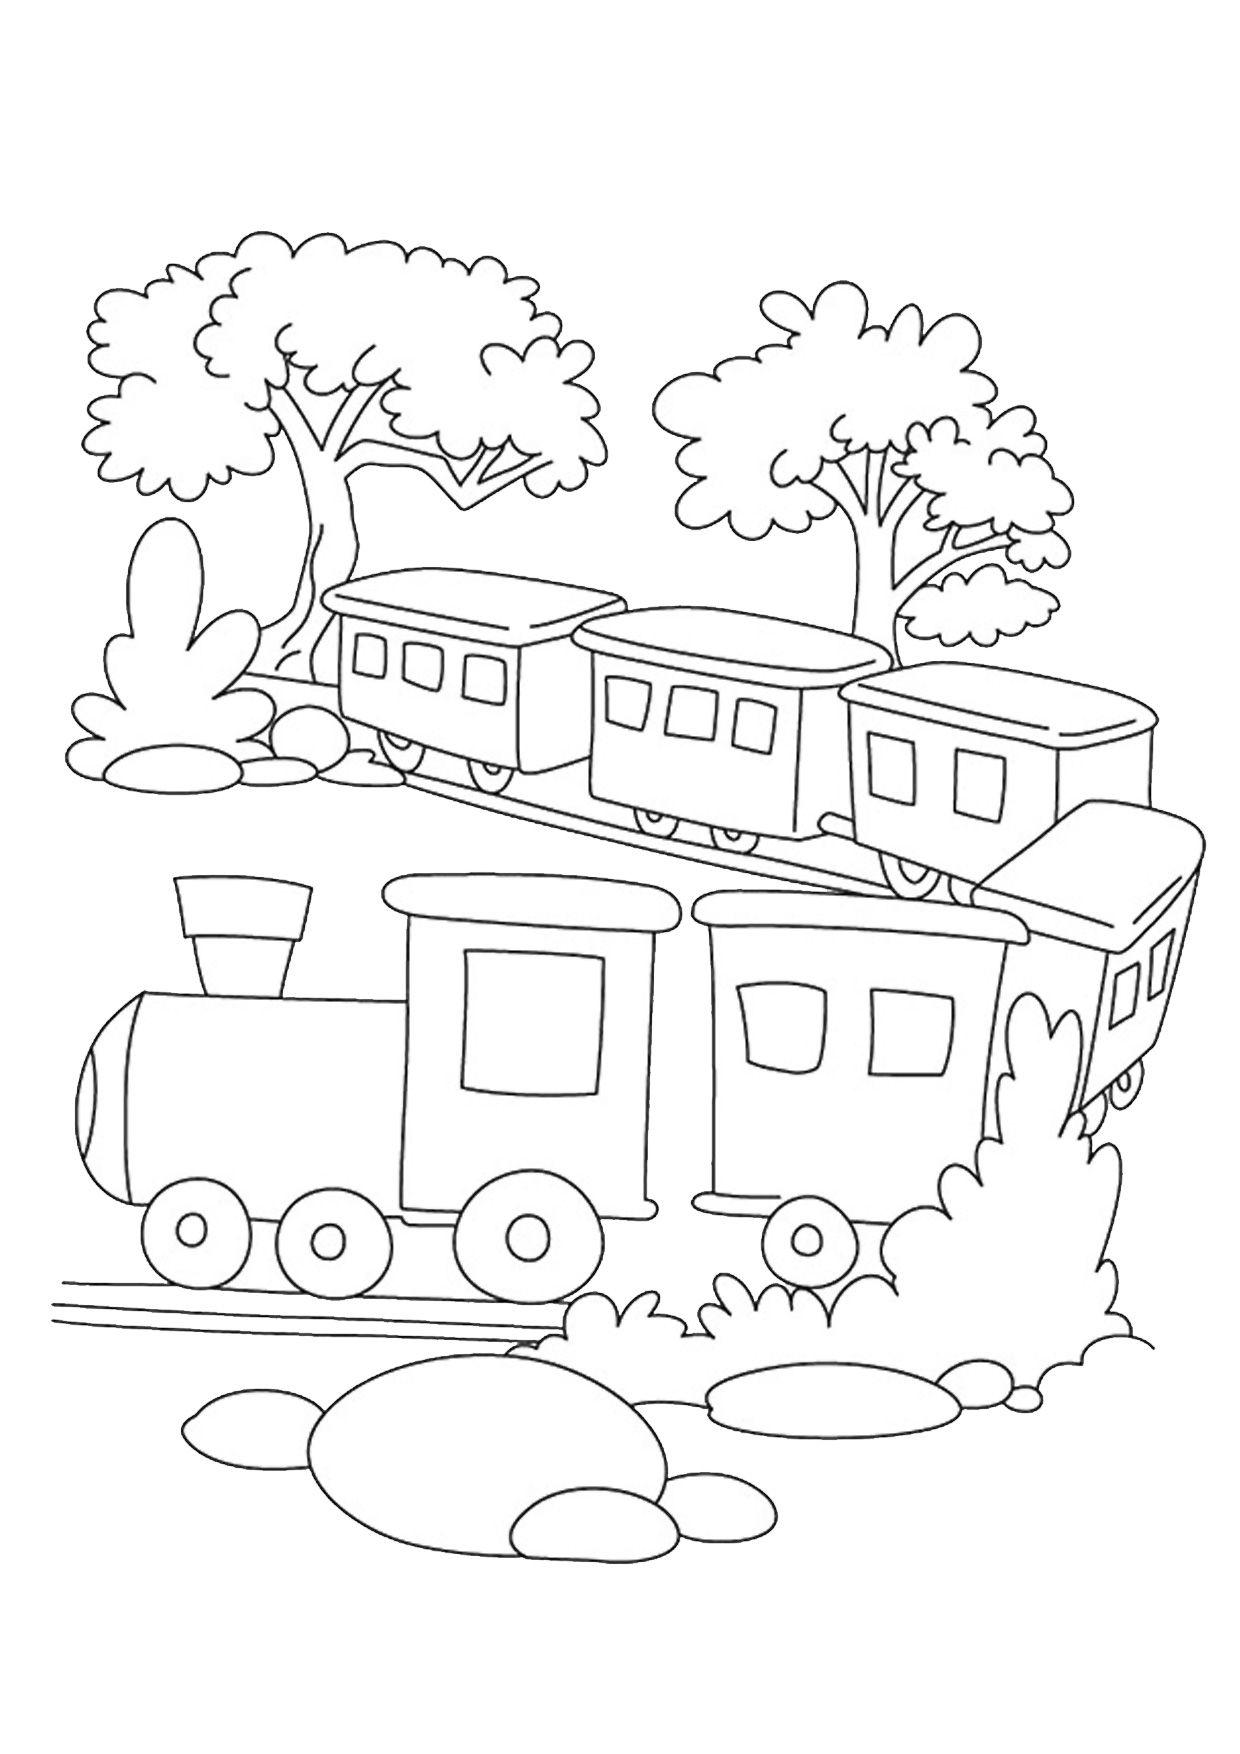 45 Disegni Di Treni Da Colorare Libri Da Colorare Disegni Disegni Da Colorare